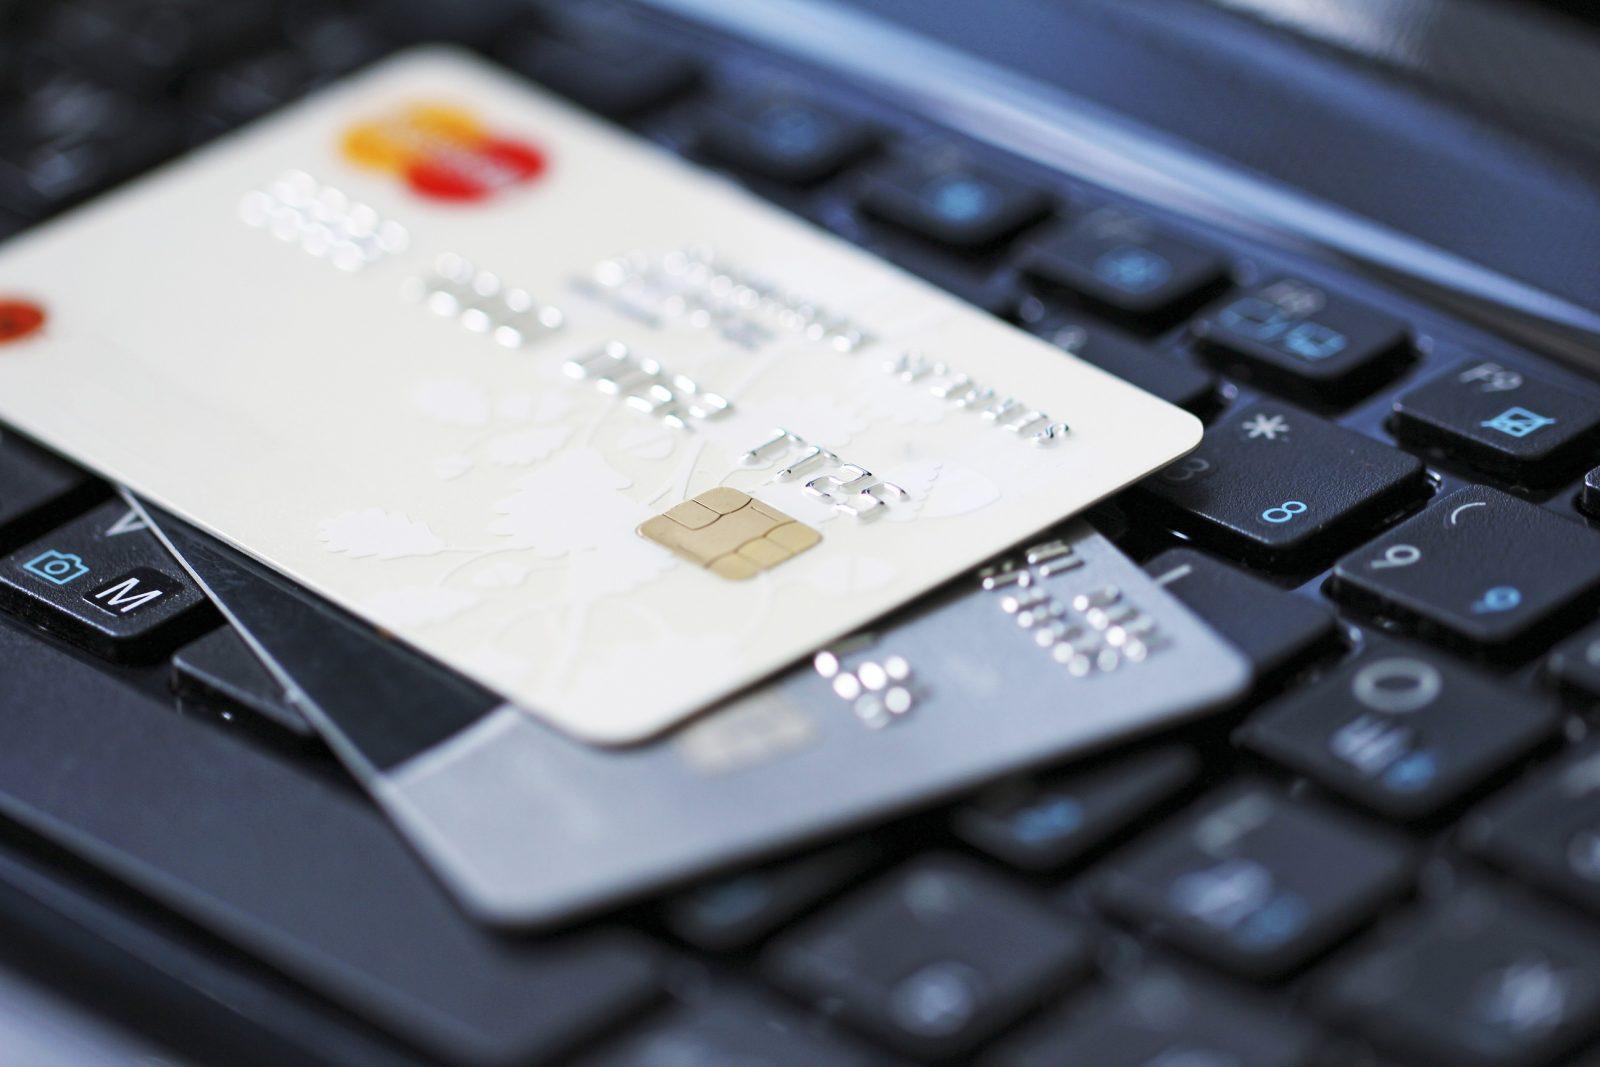 La COVID-19 a changé les habitudes d'achat des consommateurs